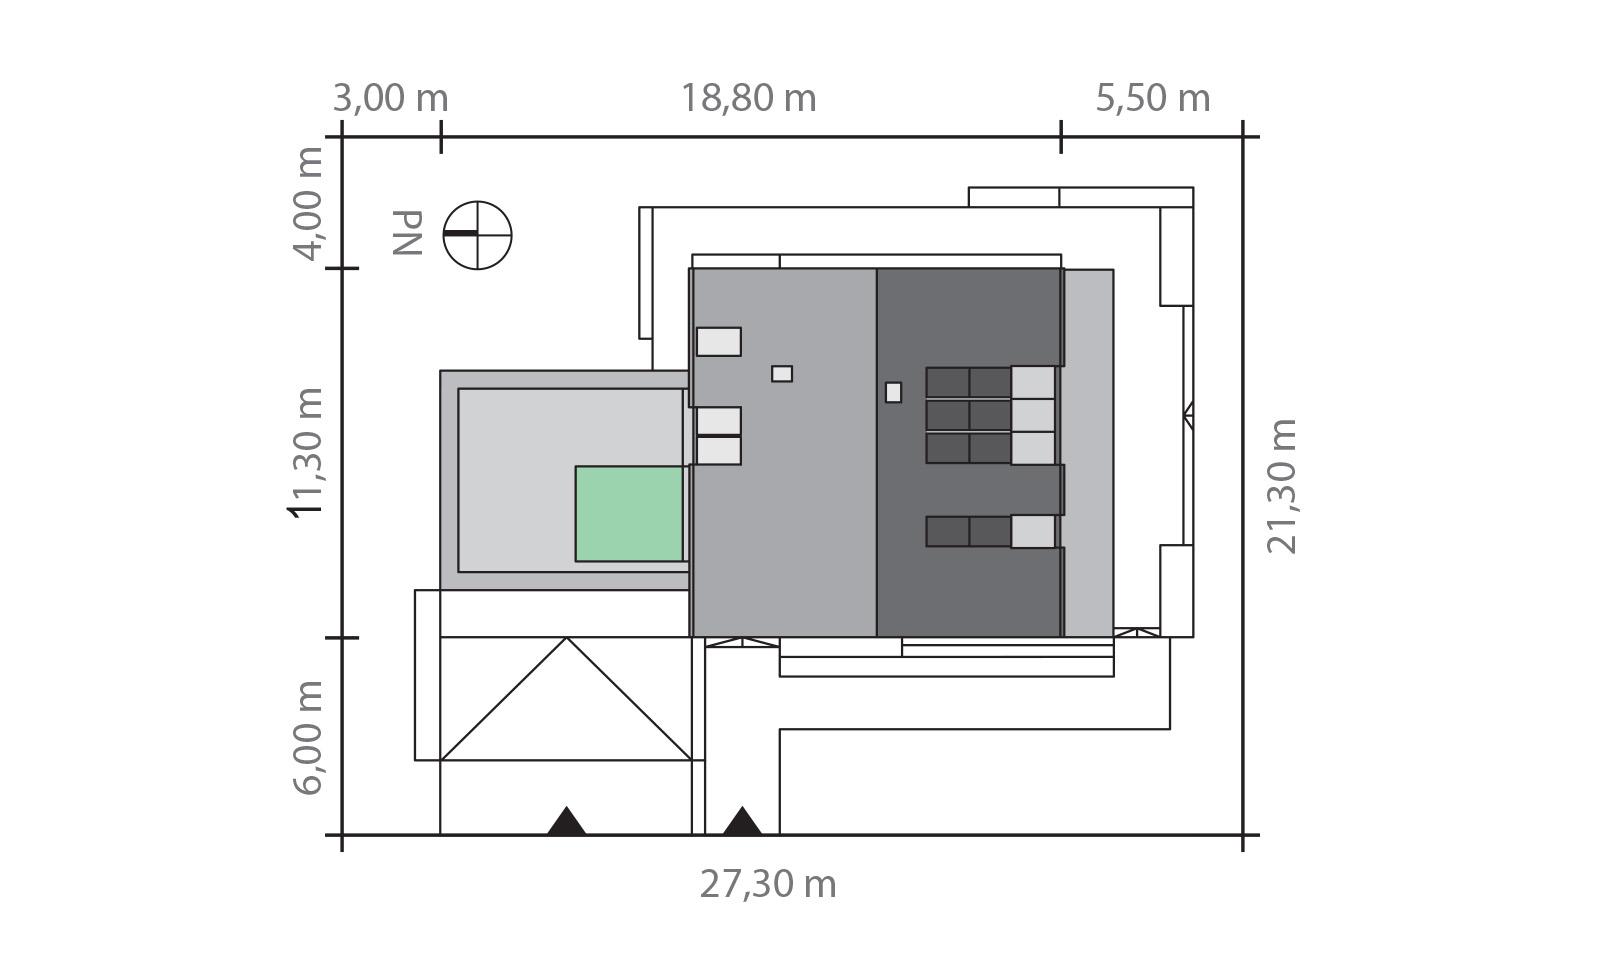 Projekt domu 2 PLUS 1 Domy Czystej Energii rzut działki